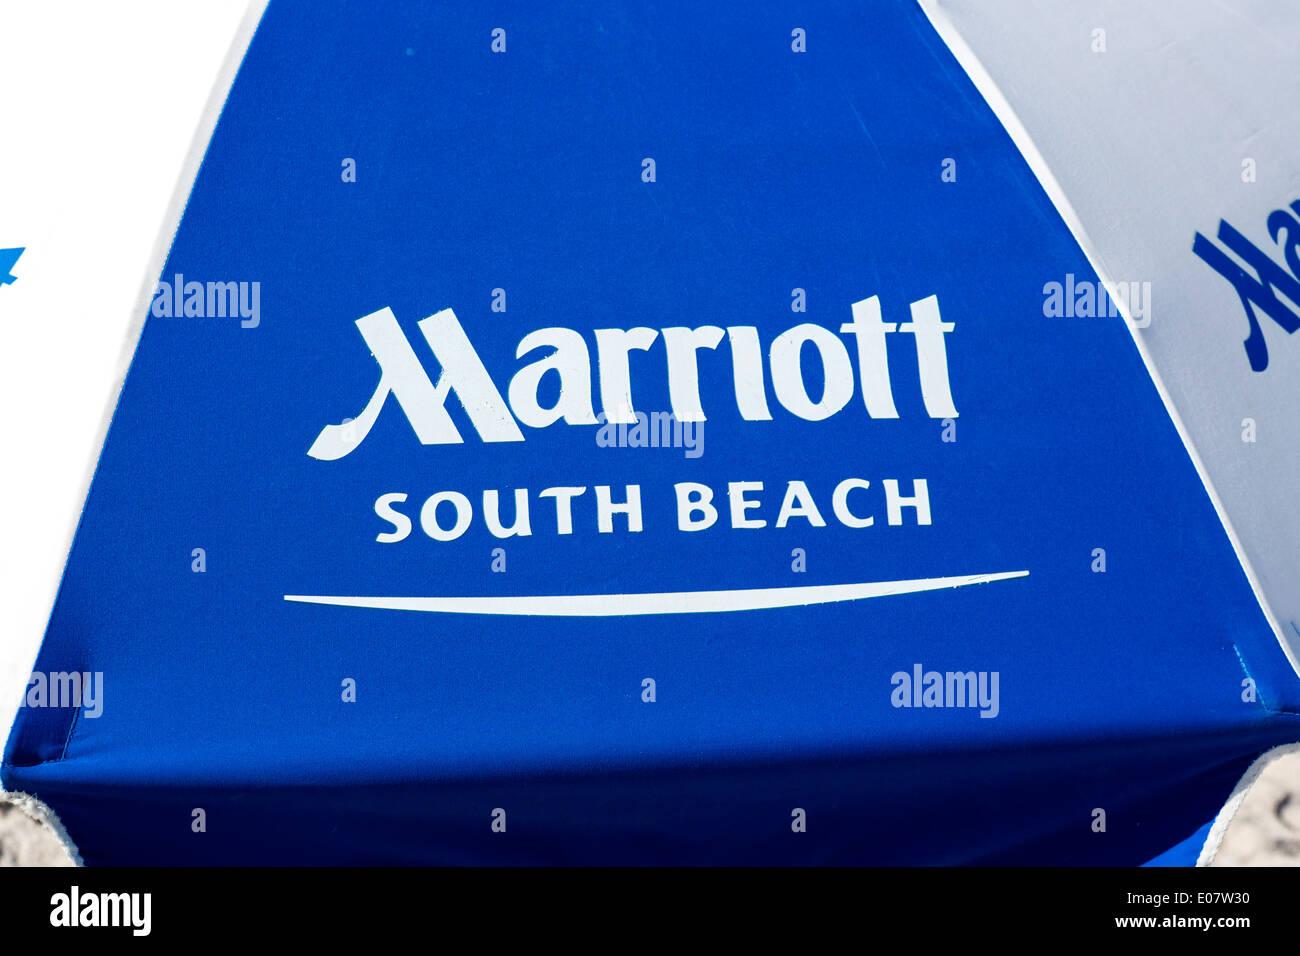 Regenschirm außerhalb Hotel Marriott South Beach, South Beach, Miami Beach, Florida, Vereinigte Staaten Stockbild